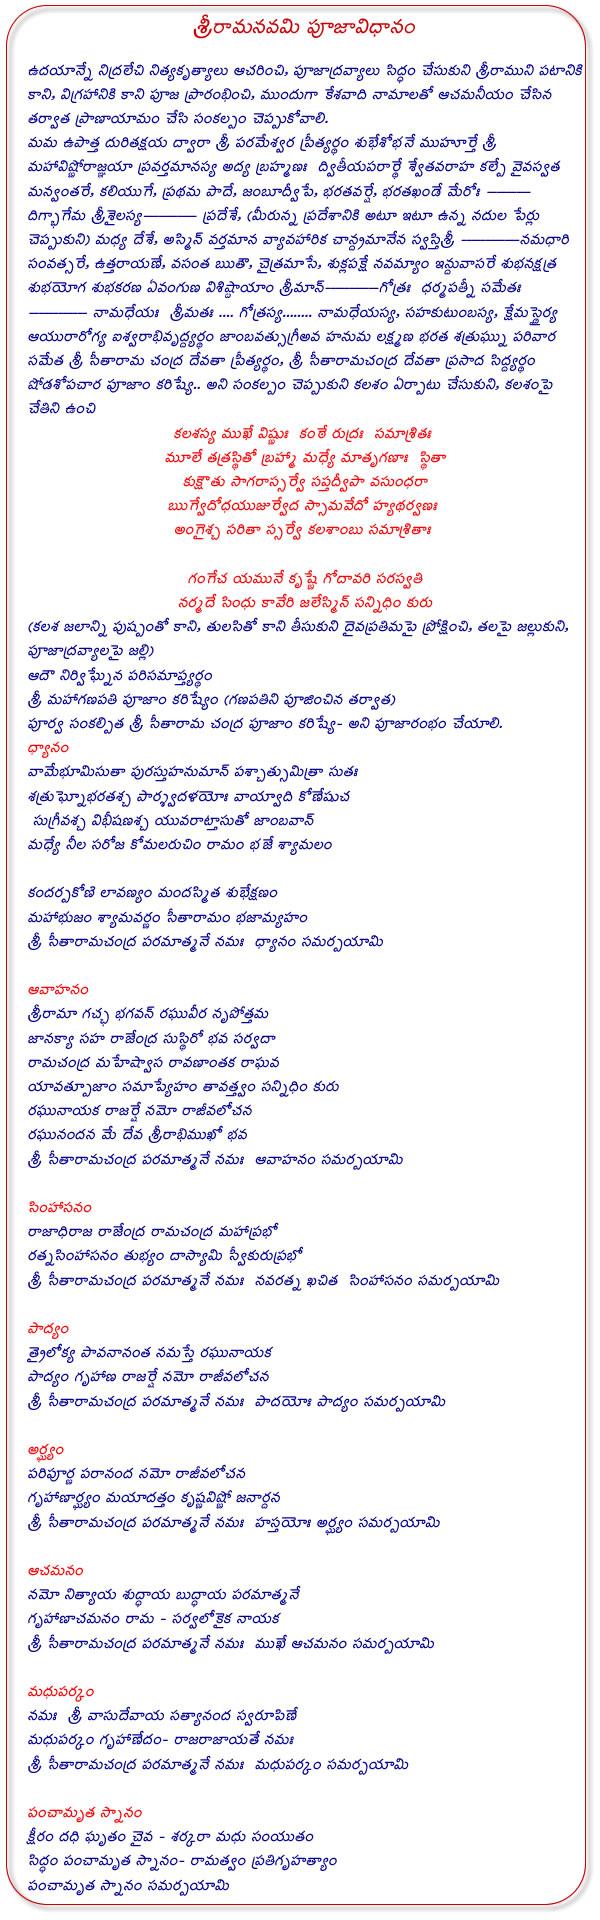 Sri Rama Navami Pooja Vidhanam In Ebook Download